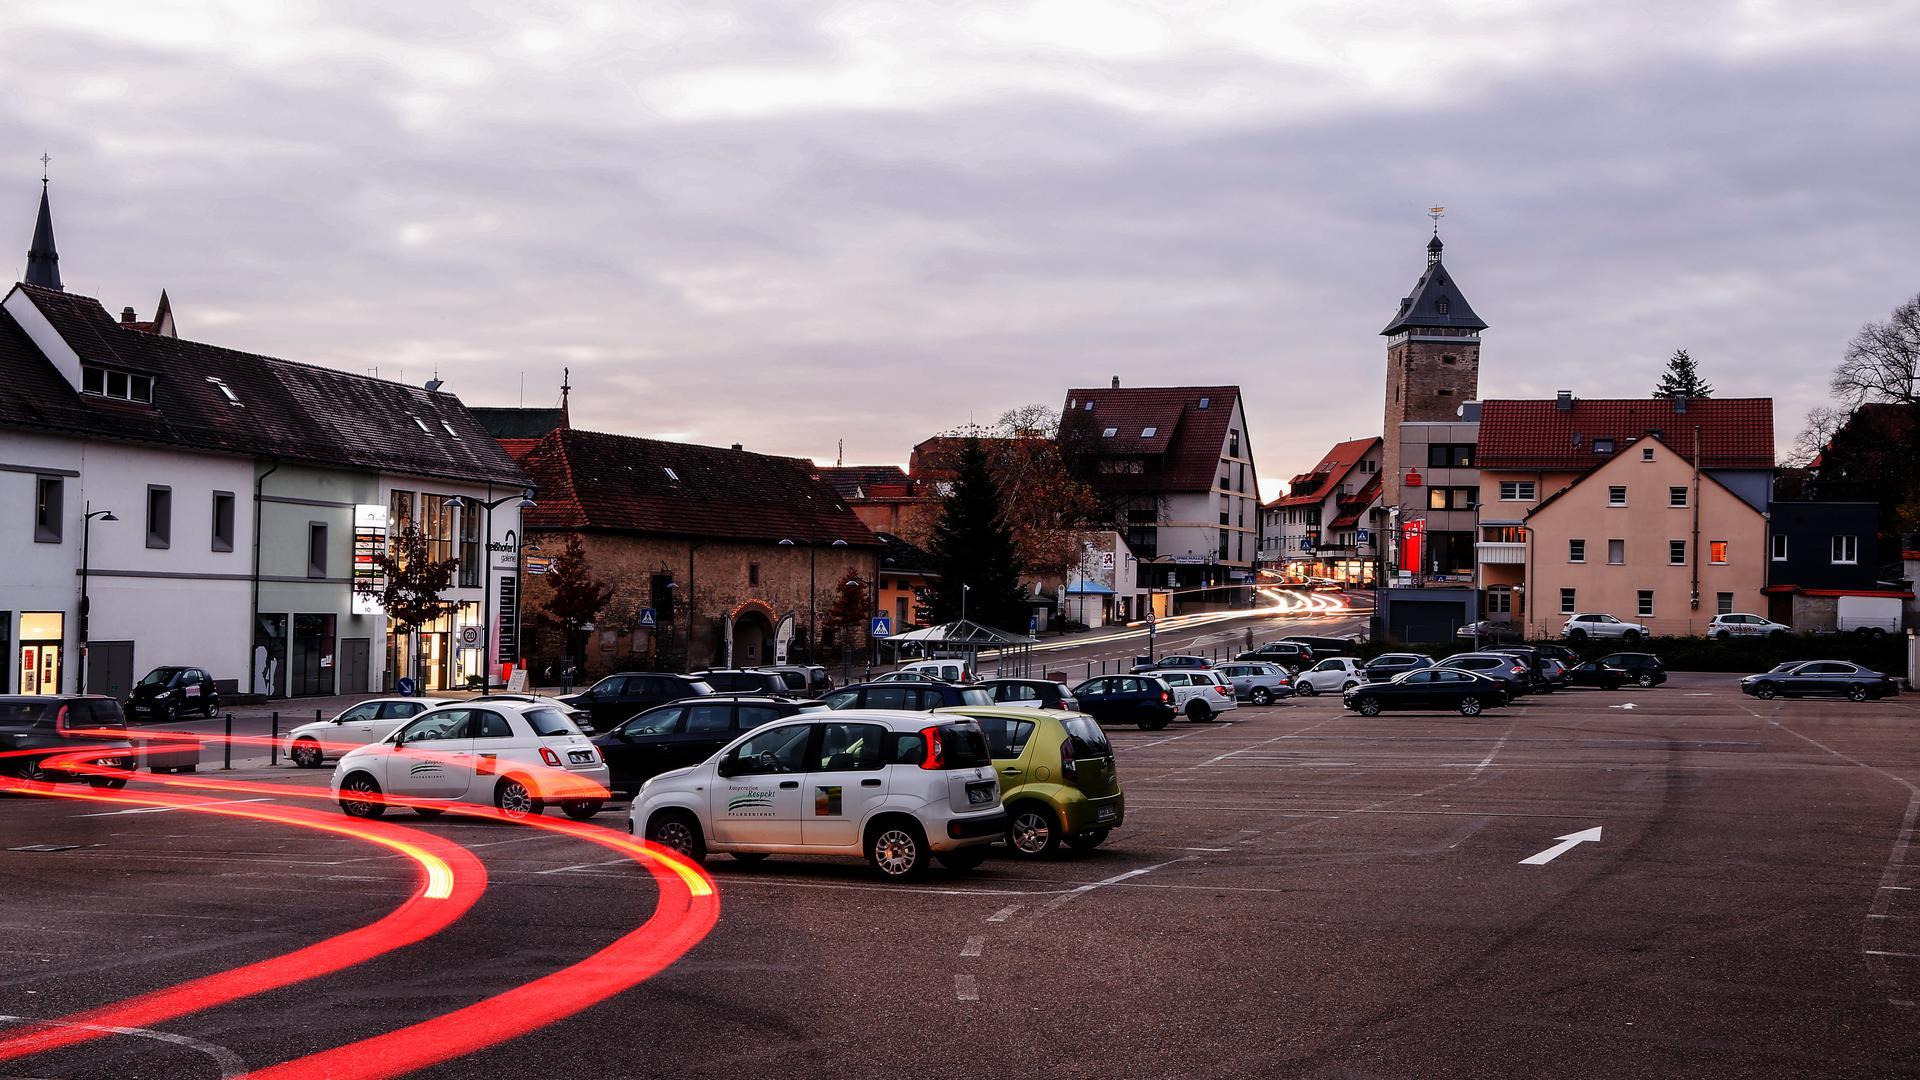 Nächtliche Parkplatzszene auf dem Sporgassenareal in Bretten.